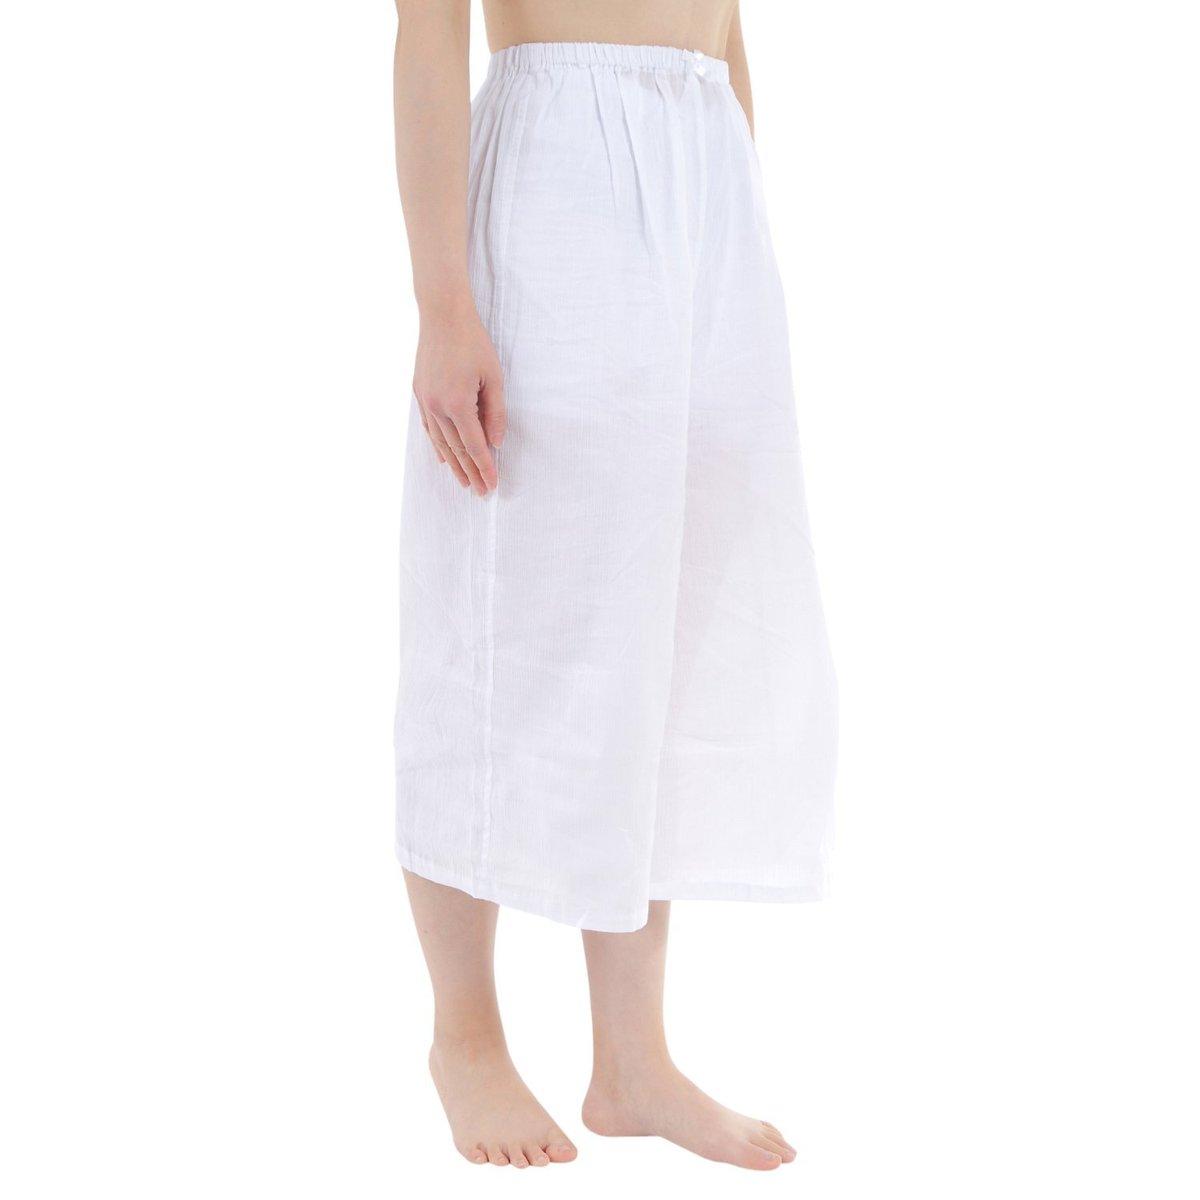 ステテコ レディース 和装 下ばき クレープ生地 吸汗速乾 夏用 綿100% M L サイズ ka0515